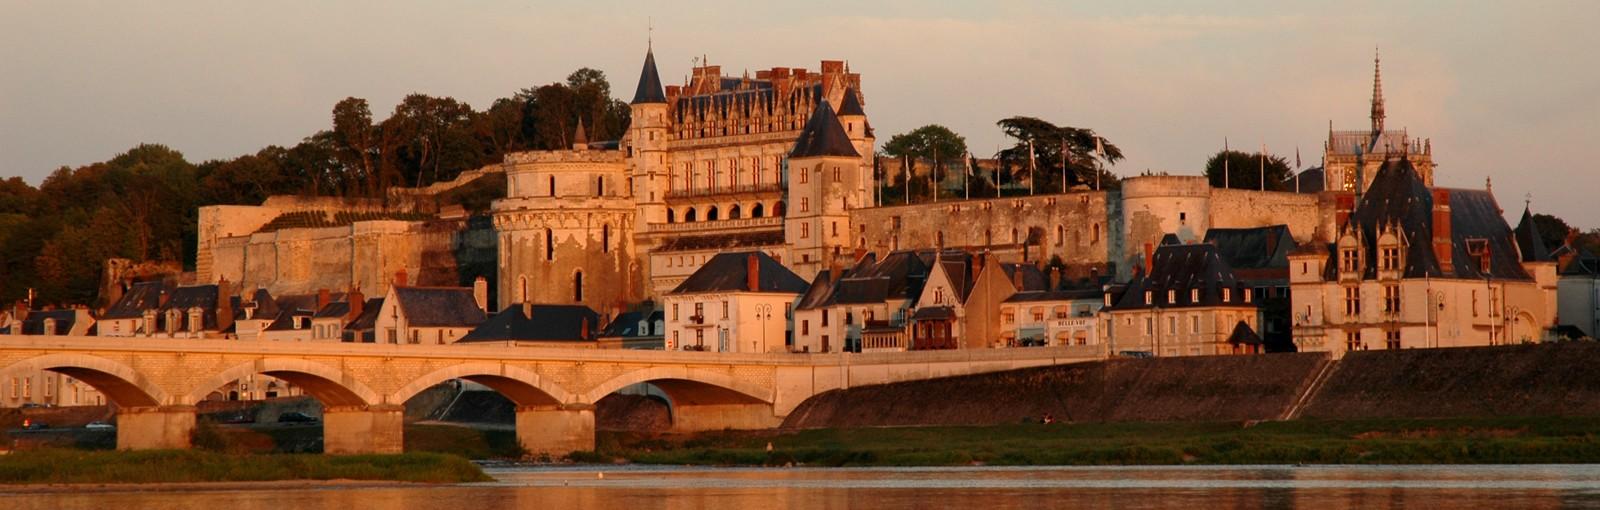 Tours LEONARDO DE VINCI Y VINOS DE AMBOISE - Días completos - Excursiones desde París